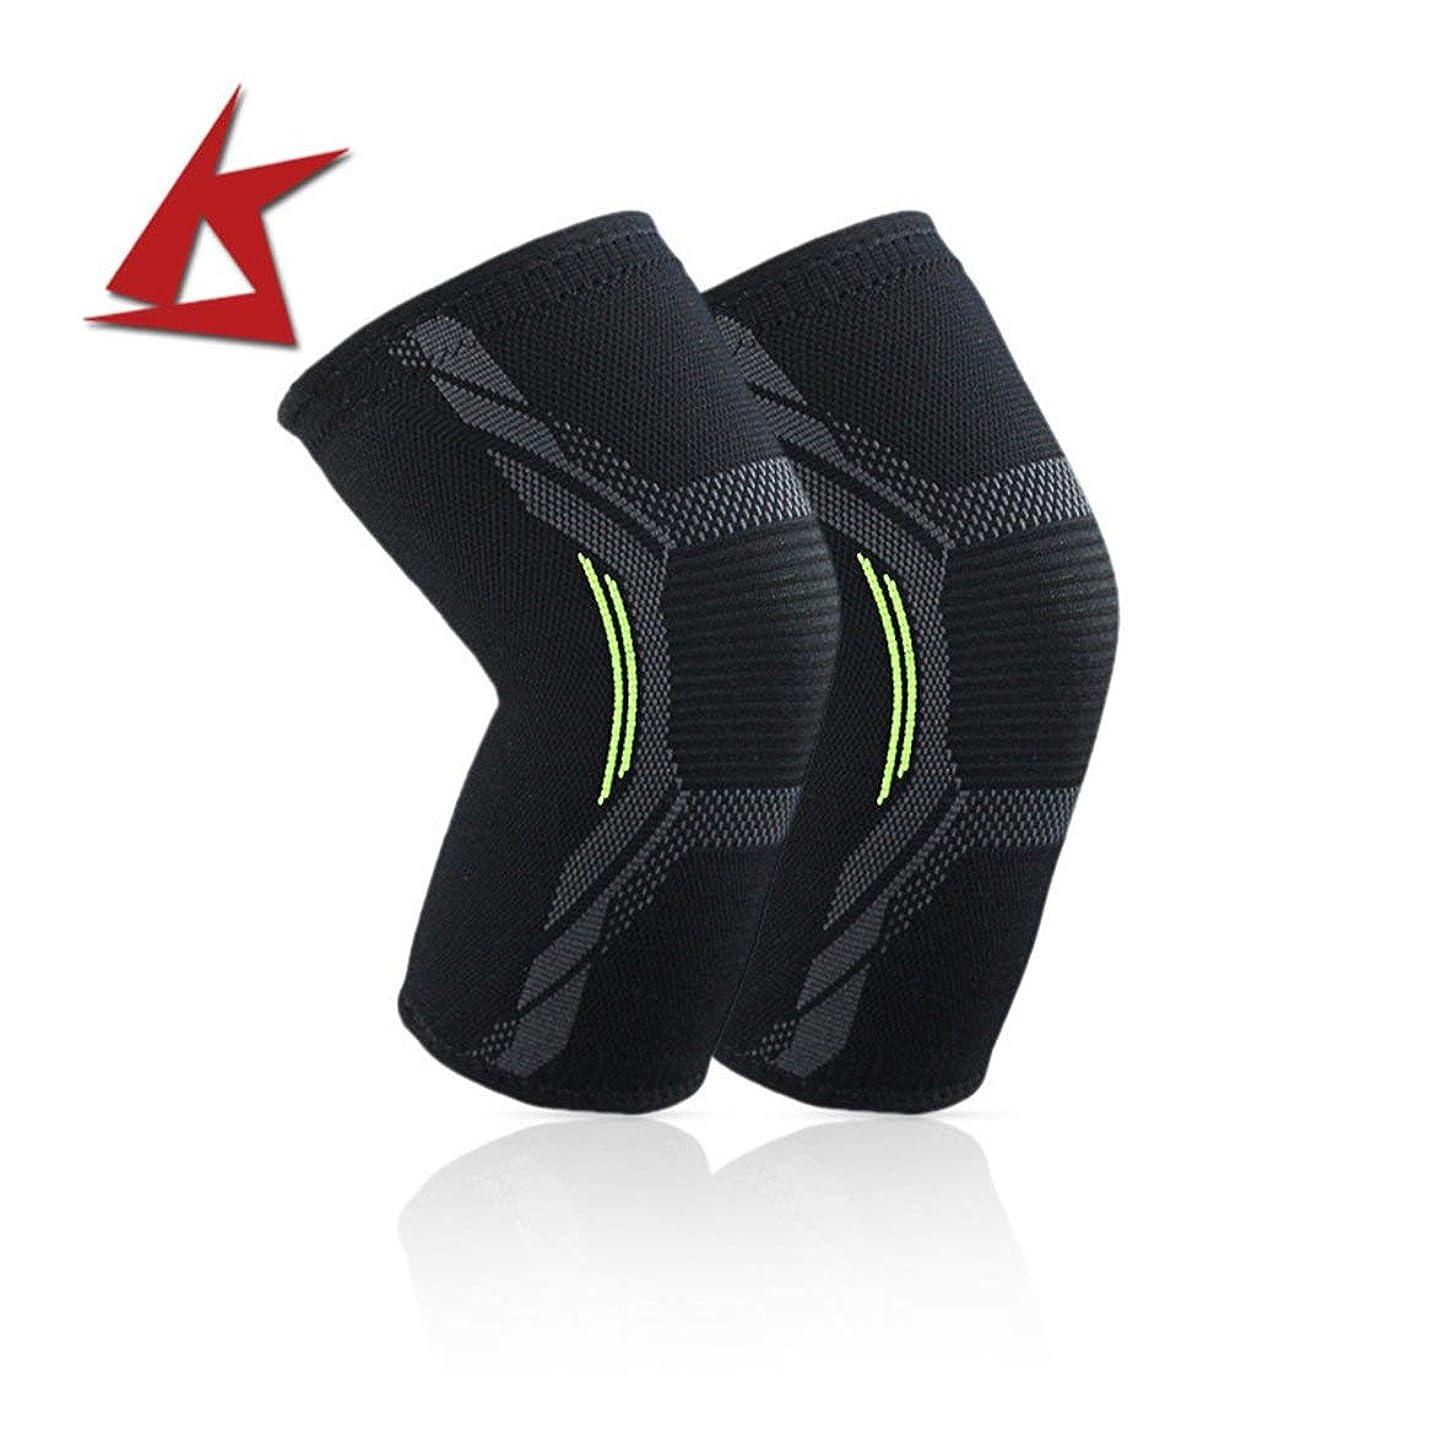 おんどりがんばり続けるメガロポリスニット膝パッド耐久性のあるナイロン膝ブレーススポーツ保護パッド超薄型膝サポート安全膝パッド - ブラックL